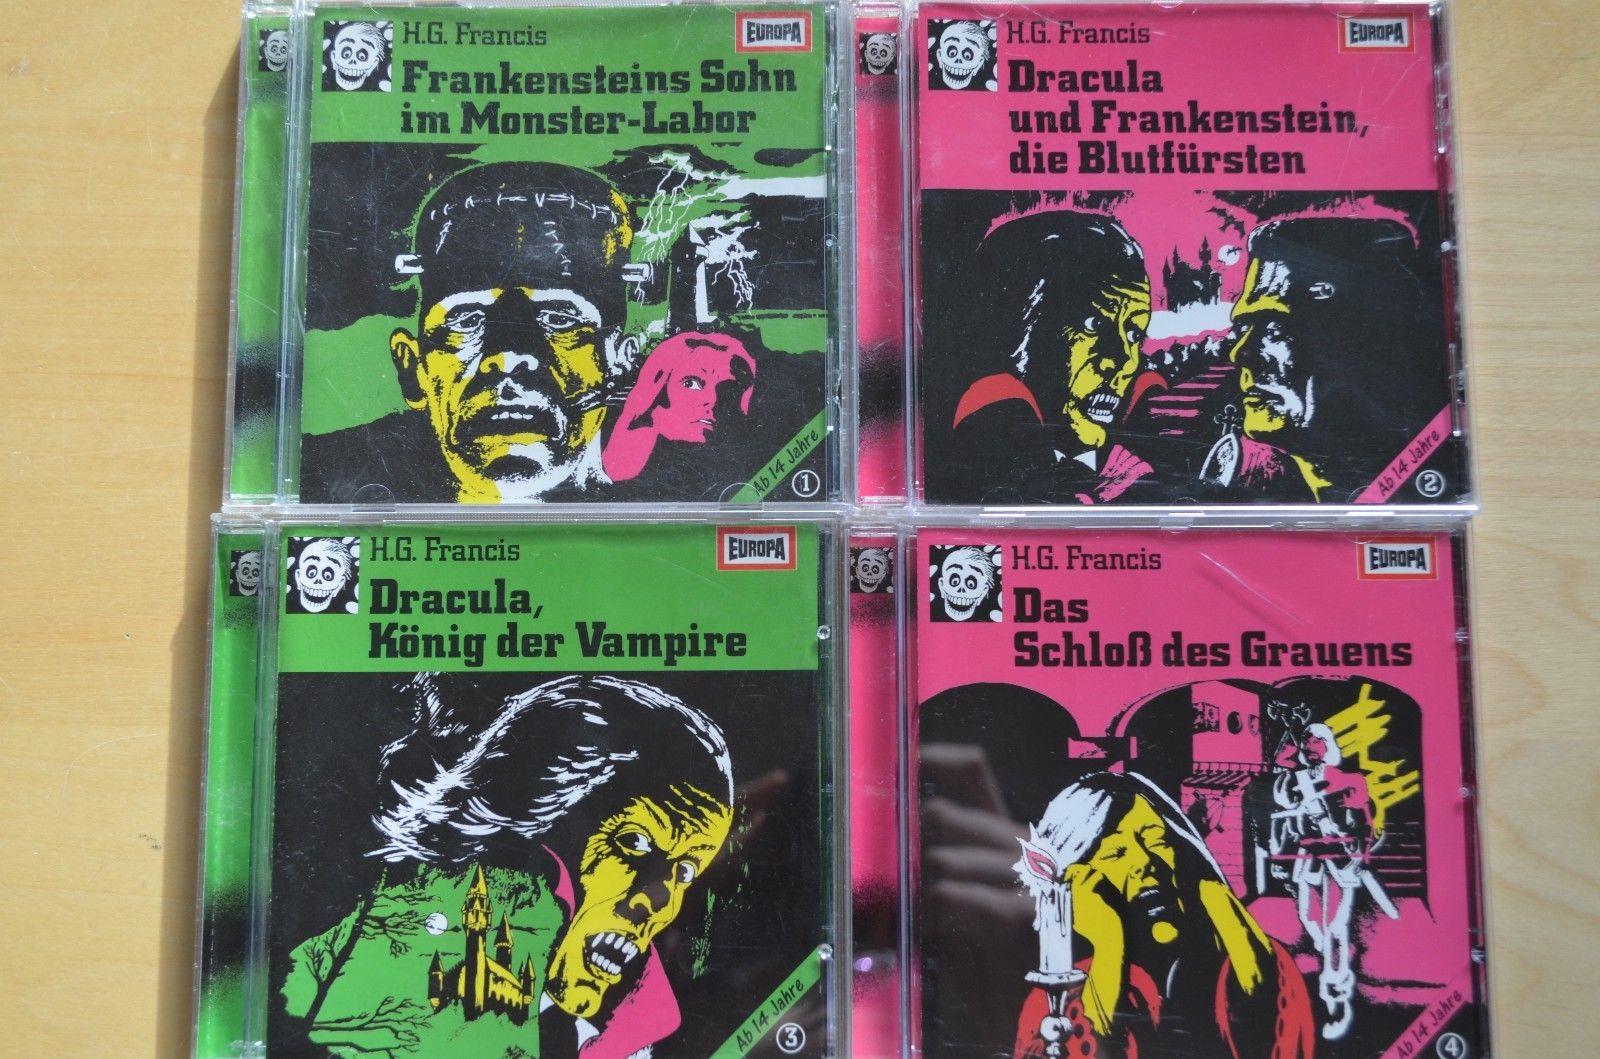 Europa Grusel Neon Hörspiel Sammlung , 4 Cd´s von H.G. Francis